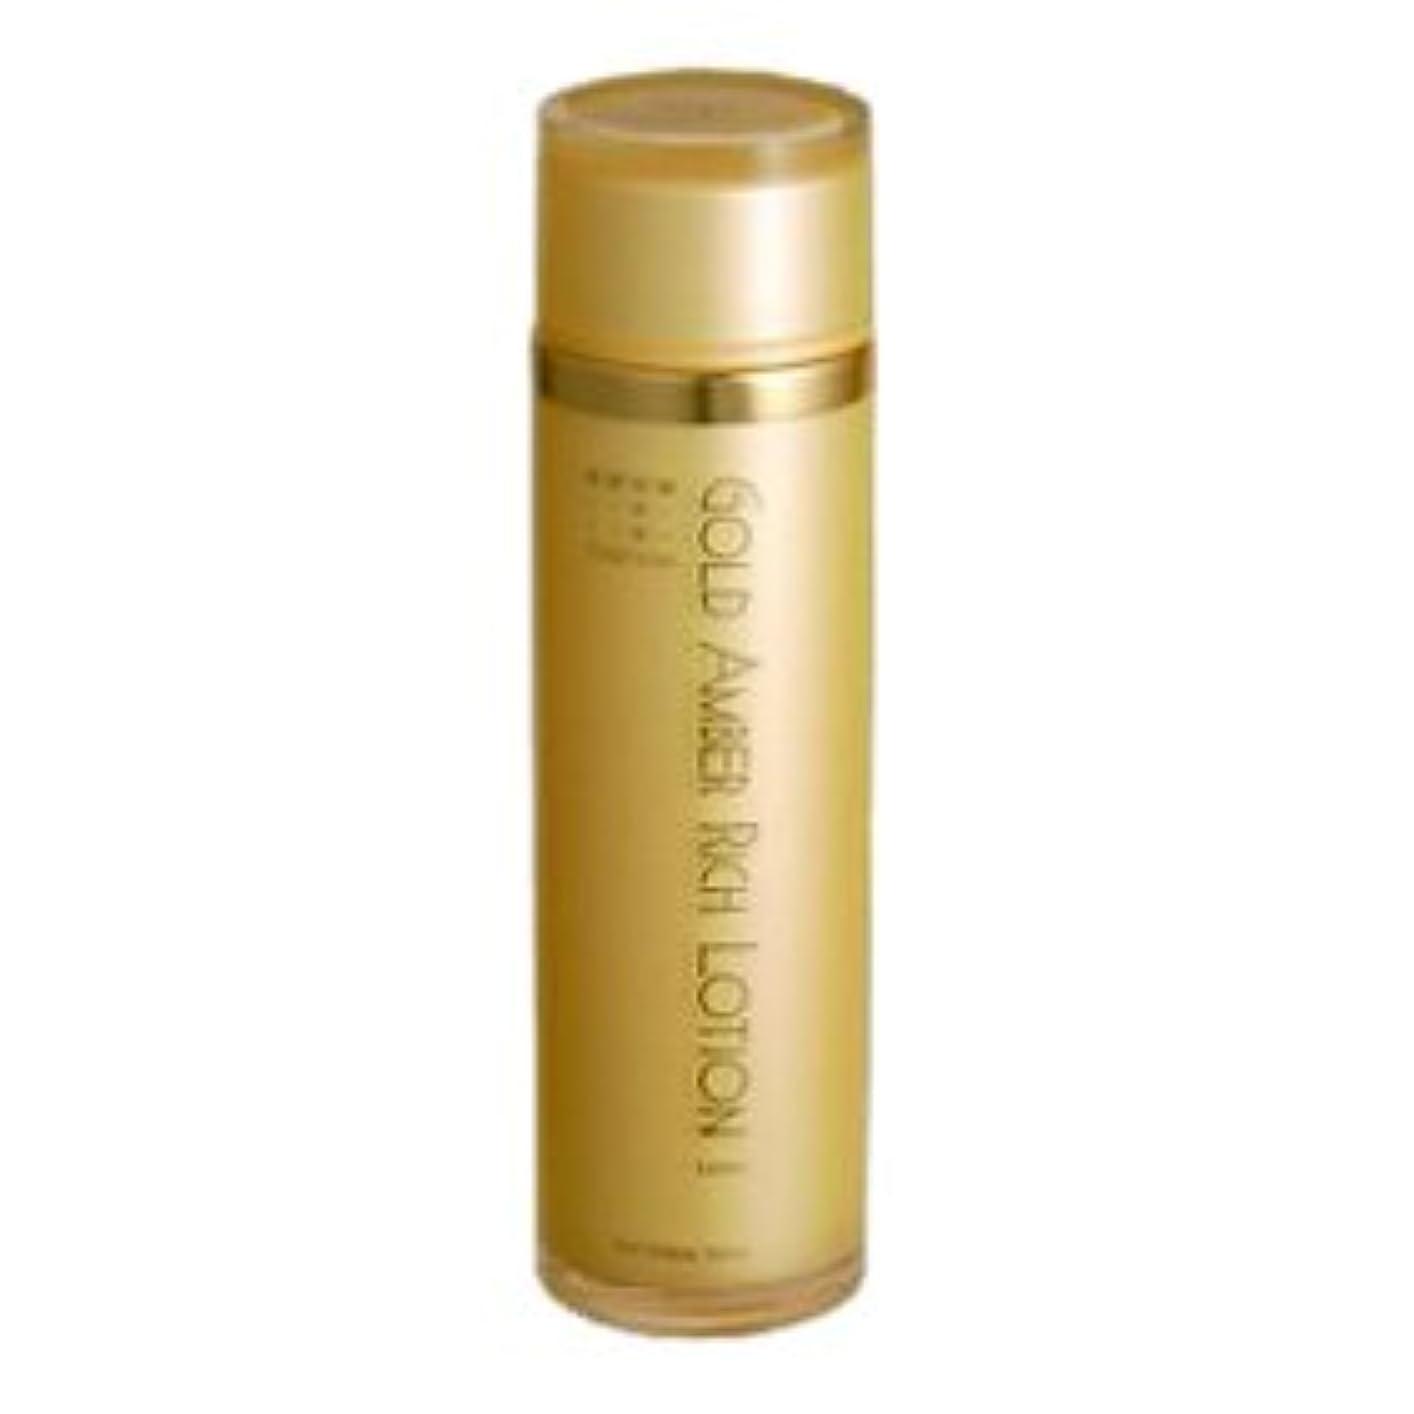 部分交換可能風邪をひくコスメプラウド ゴールドアンバーリッチローション120ml(化粧水)